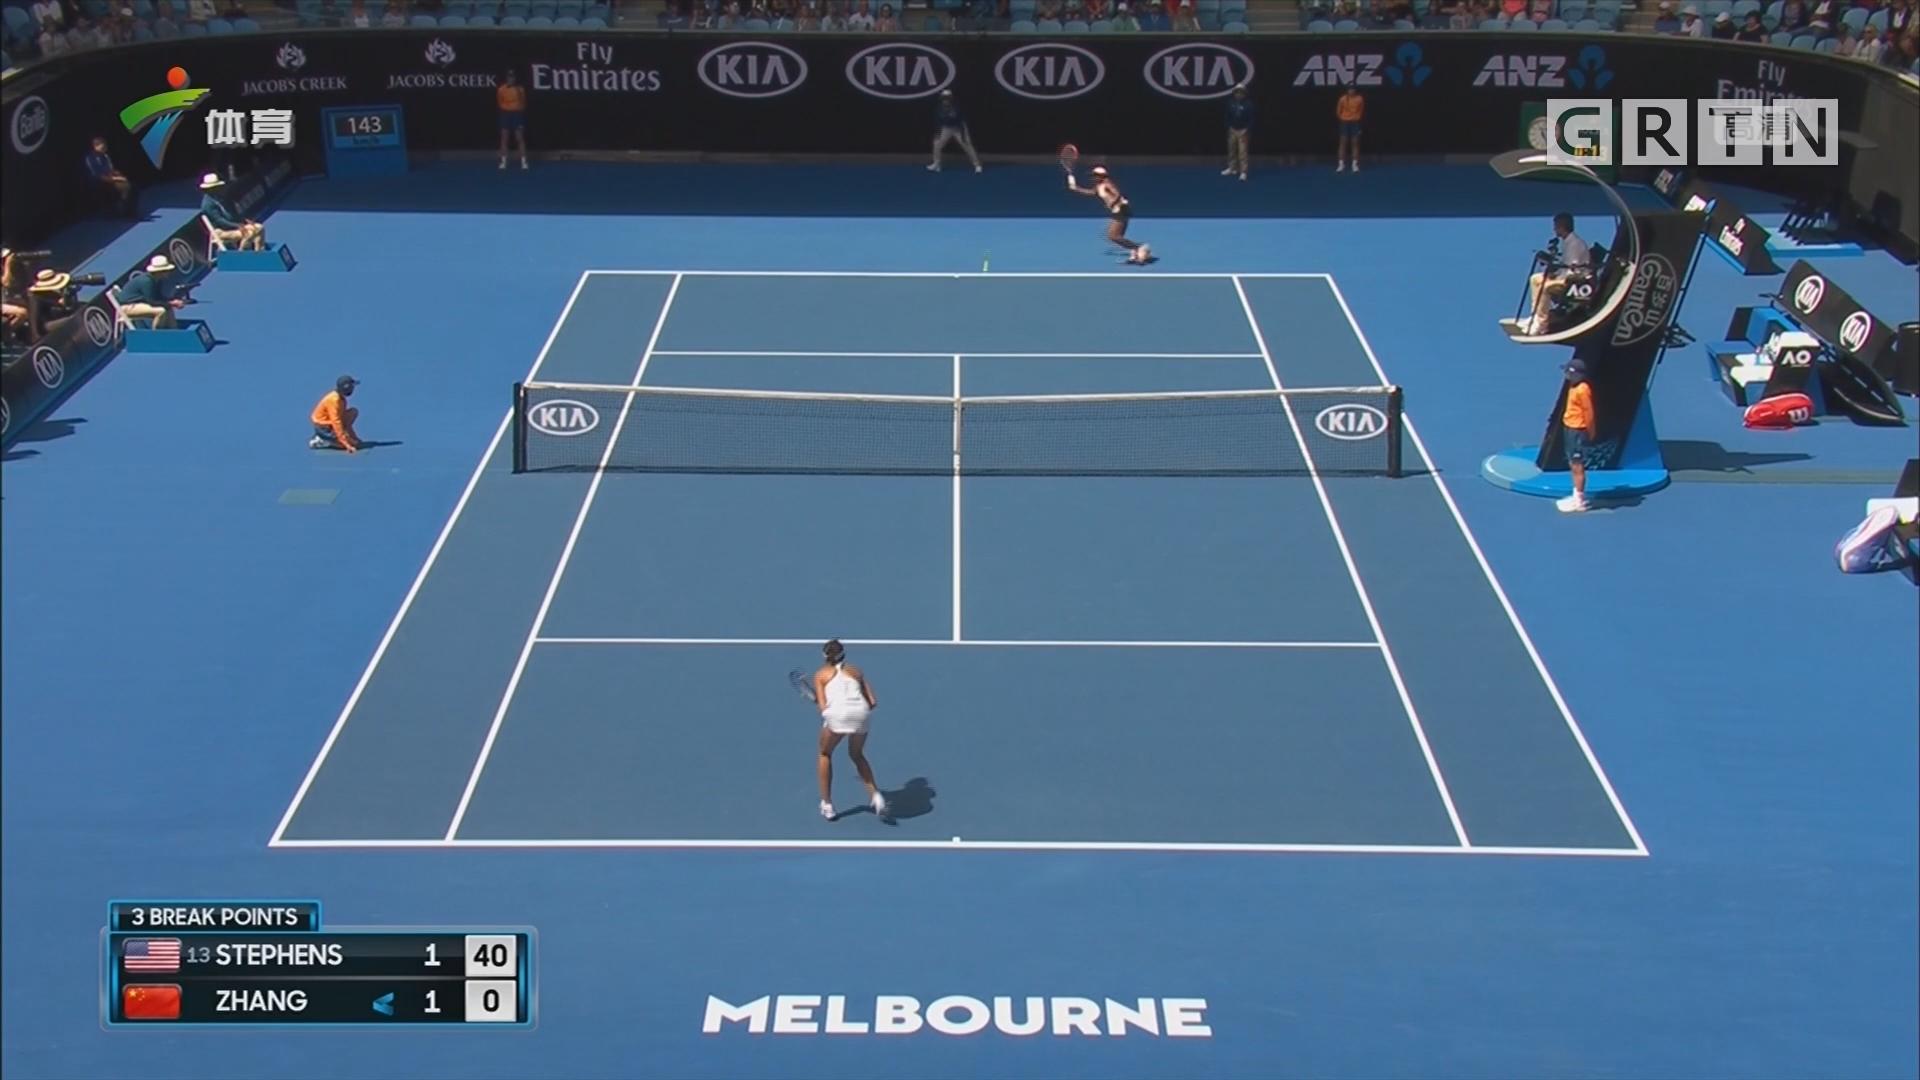 力克美网冠军 张帅晋级澳网女单次轮